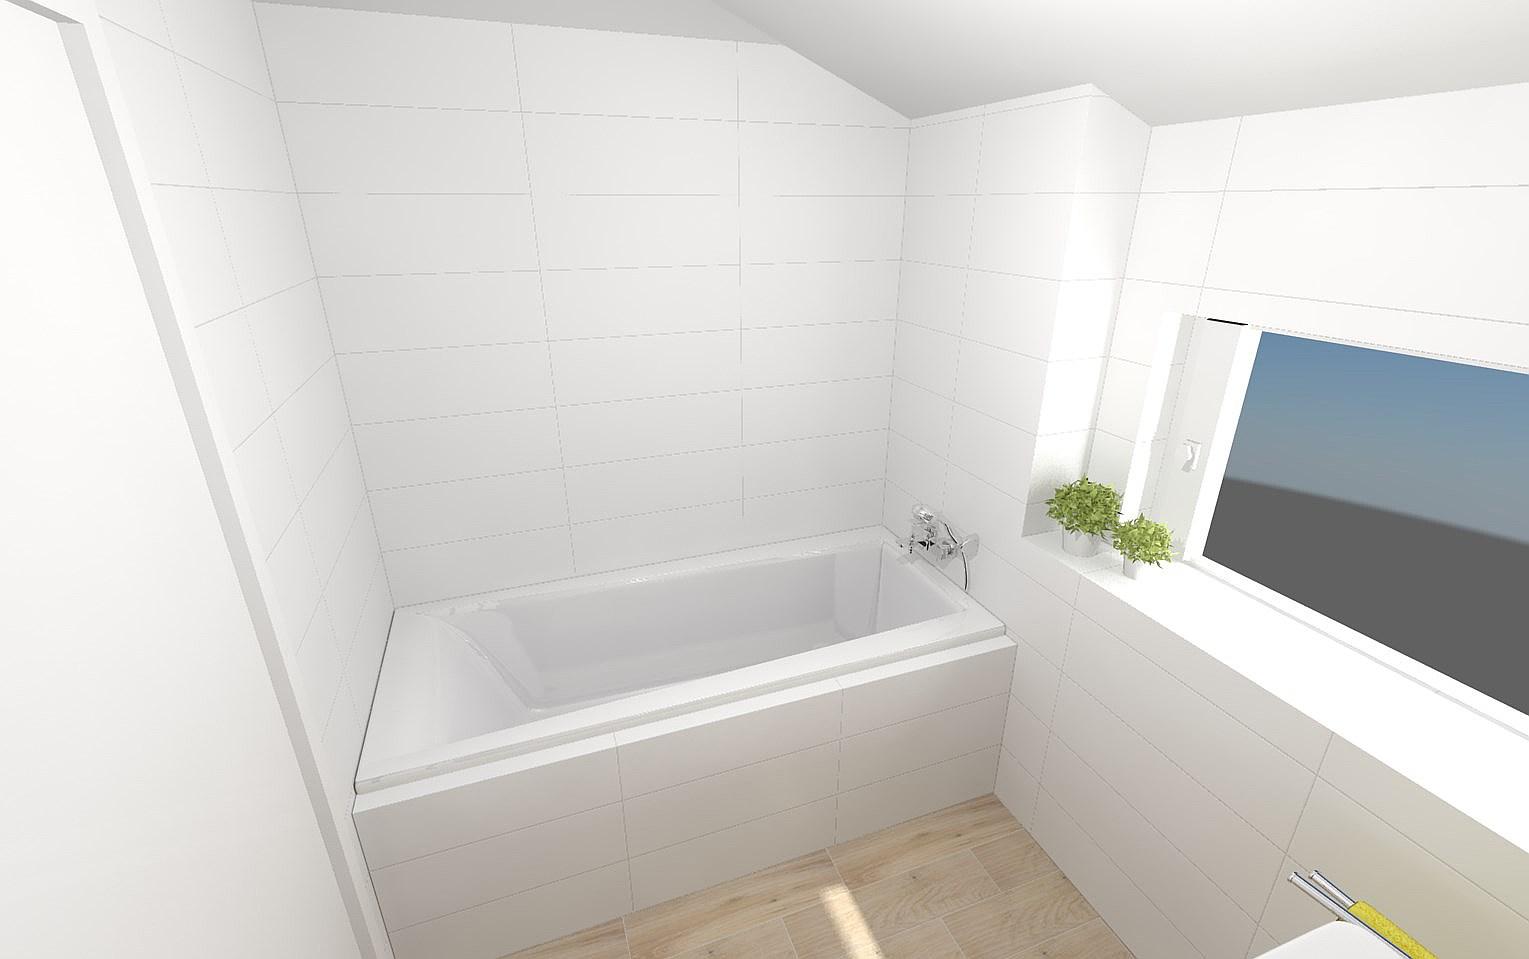 Vizualizace koupelen v našem Kubisu 74 :) - Obrázek č. 10